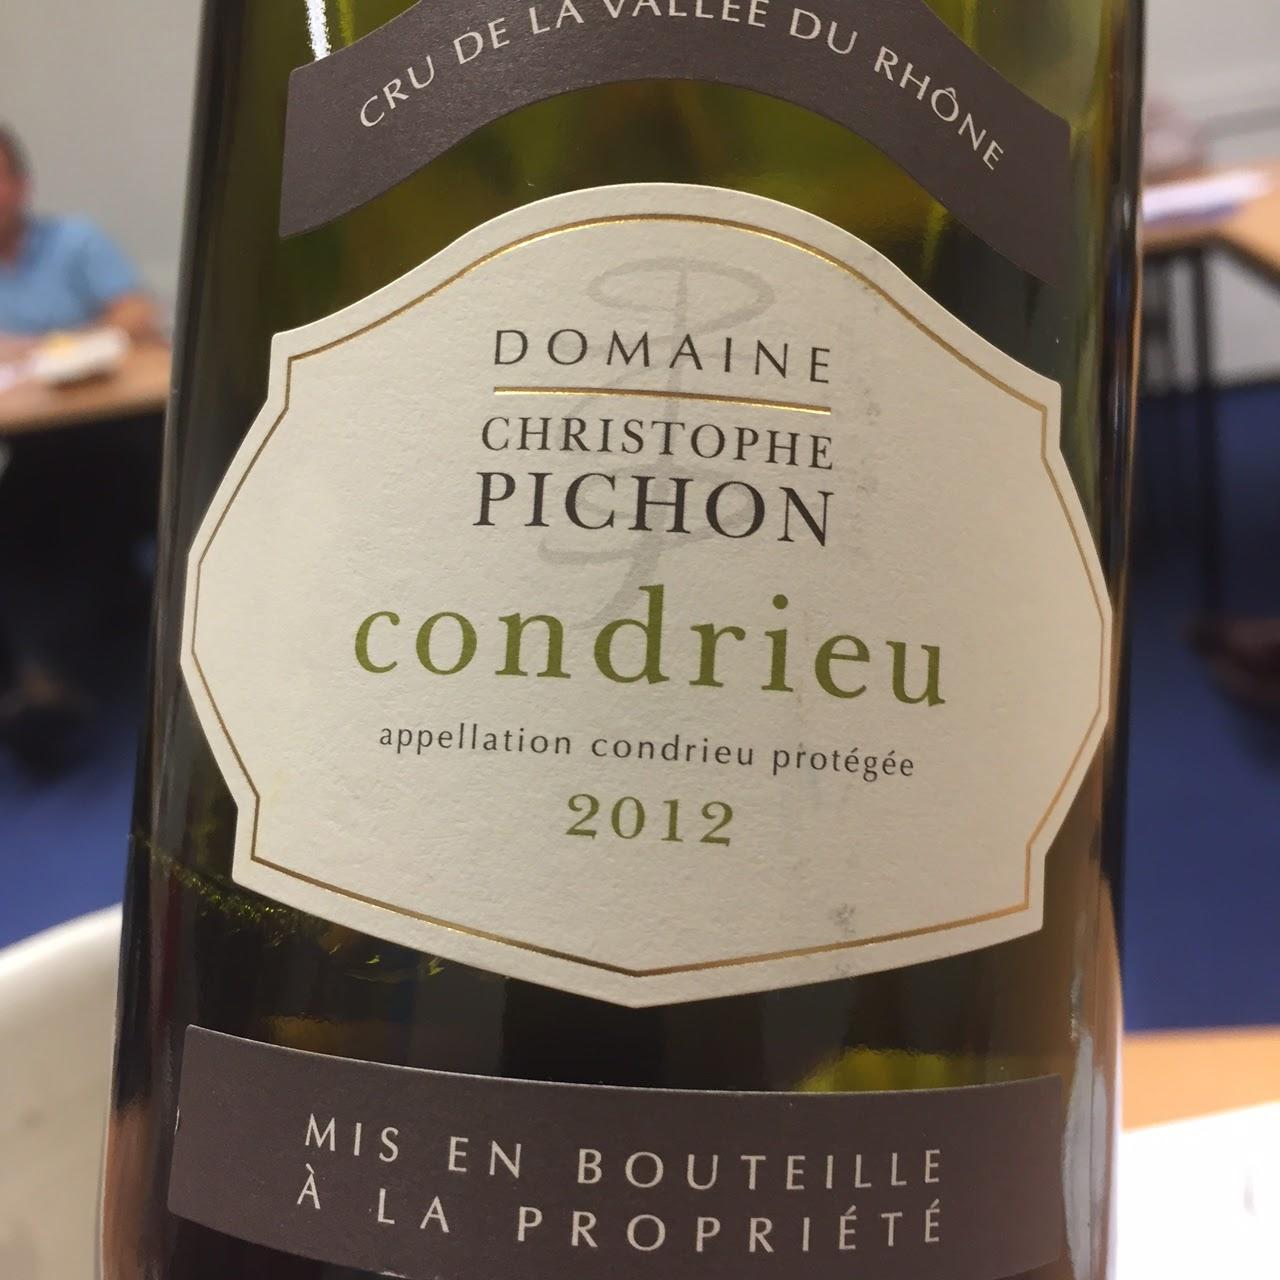 Druiven herkennen van heerlijke klassieke wijnen